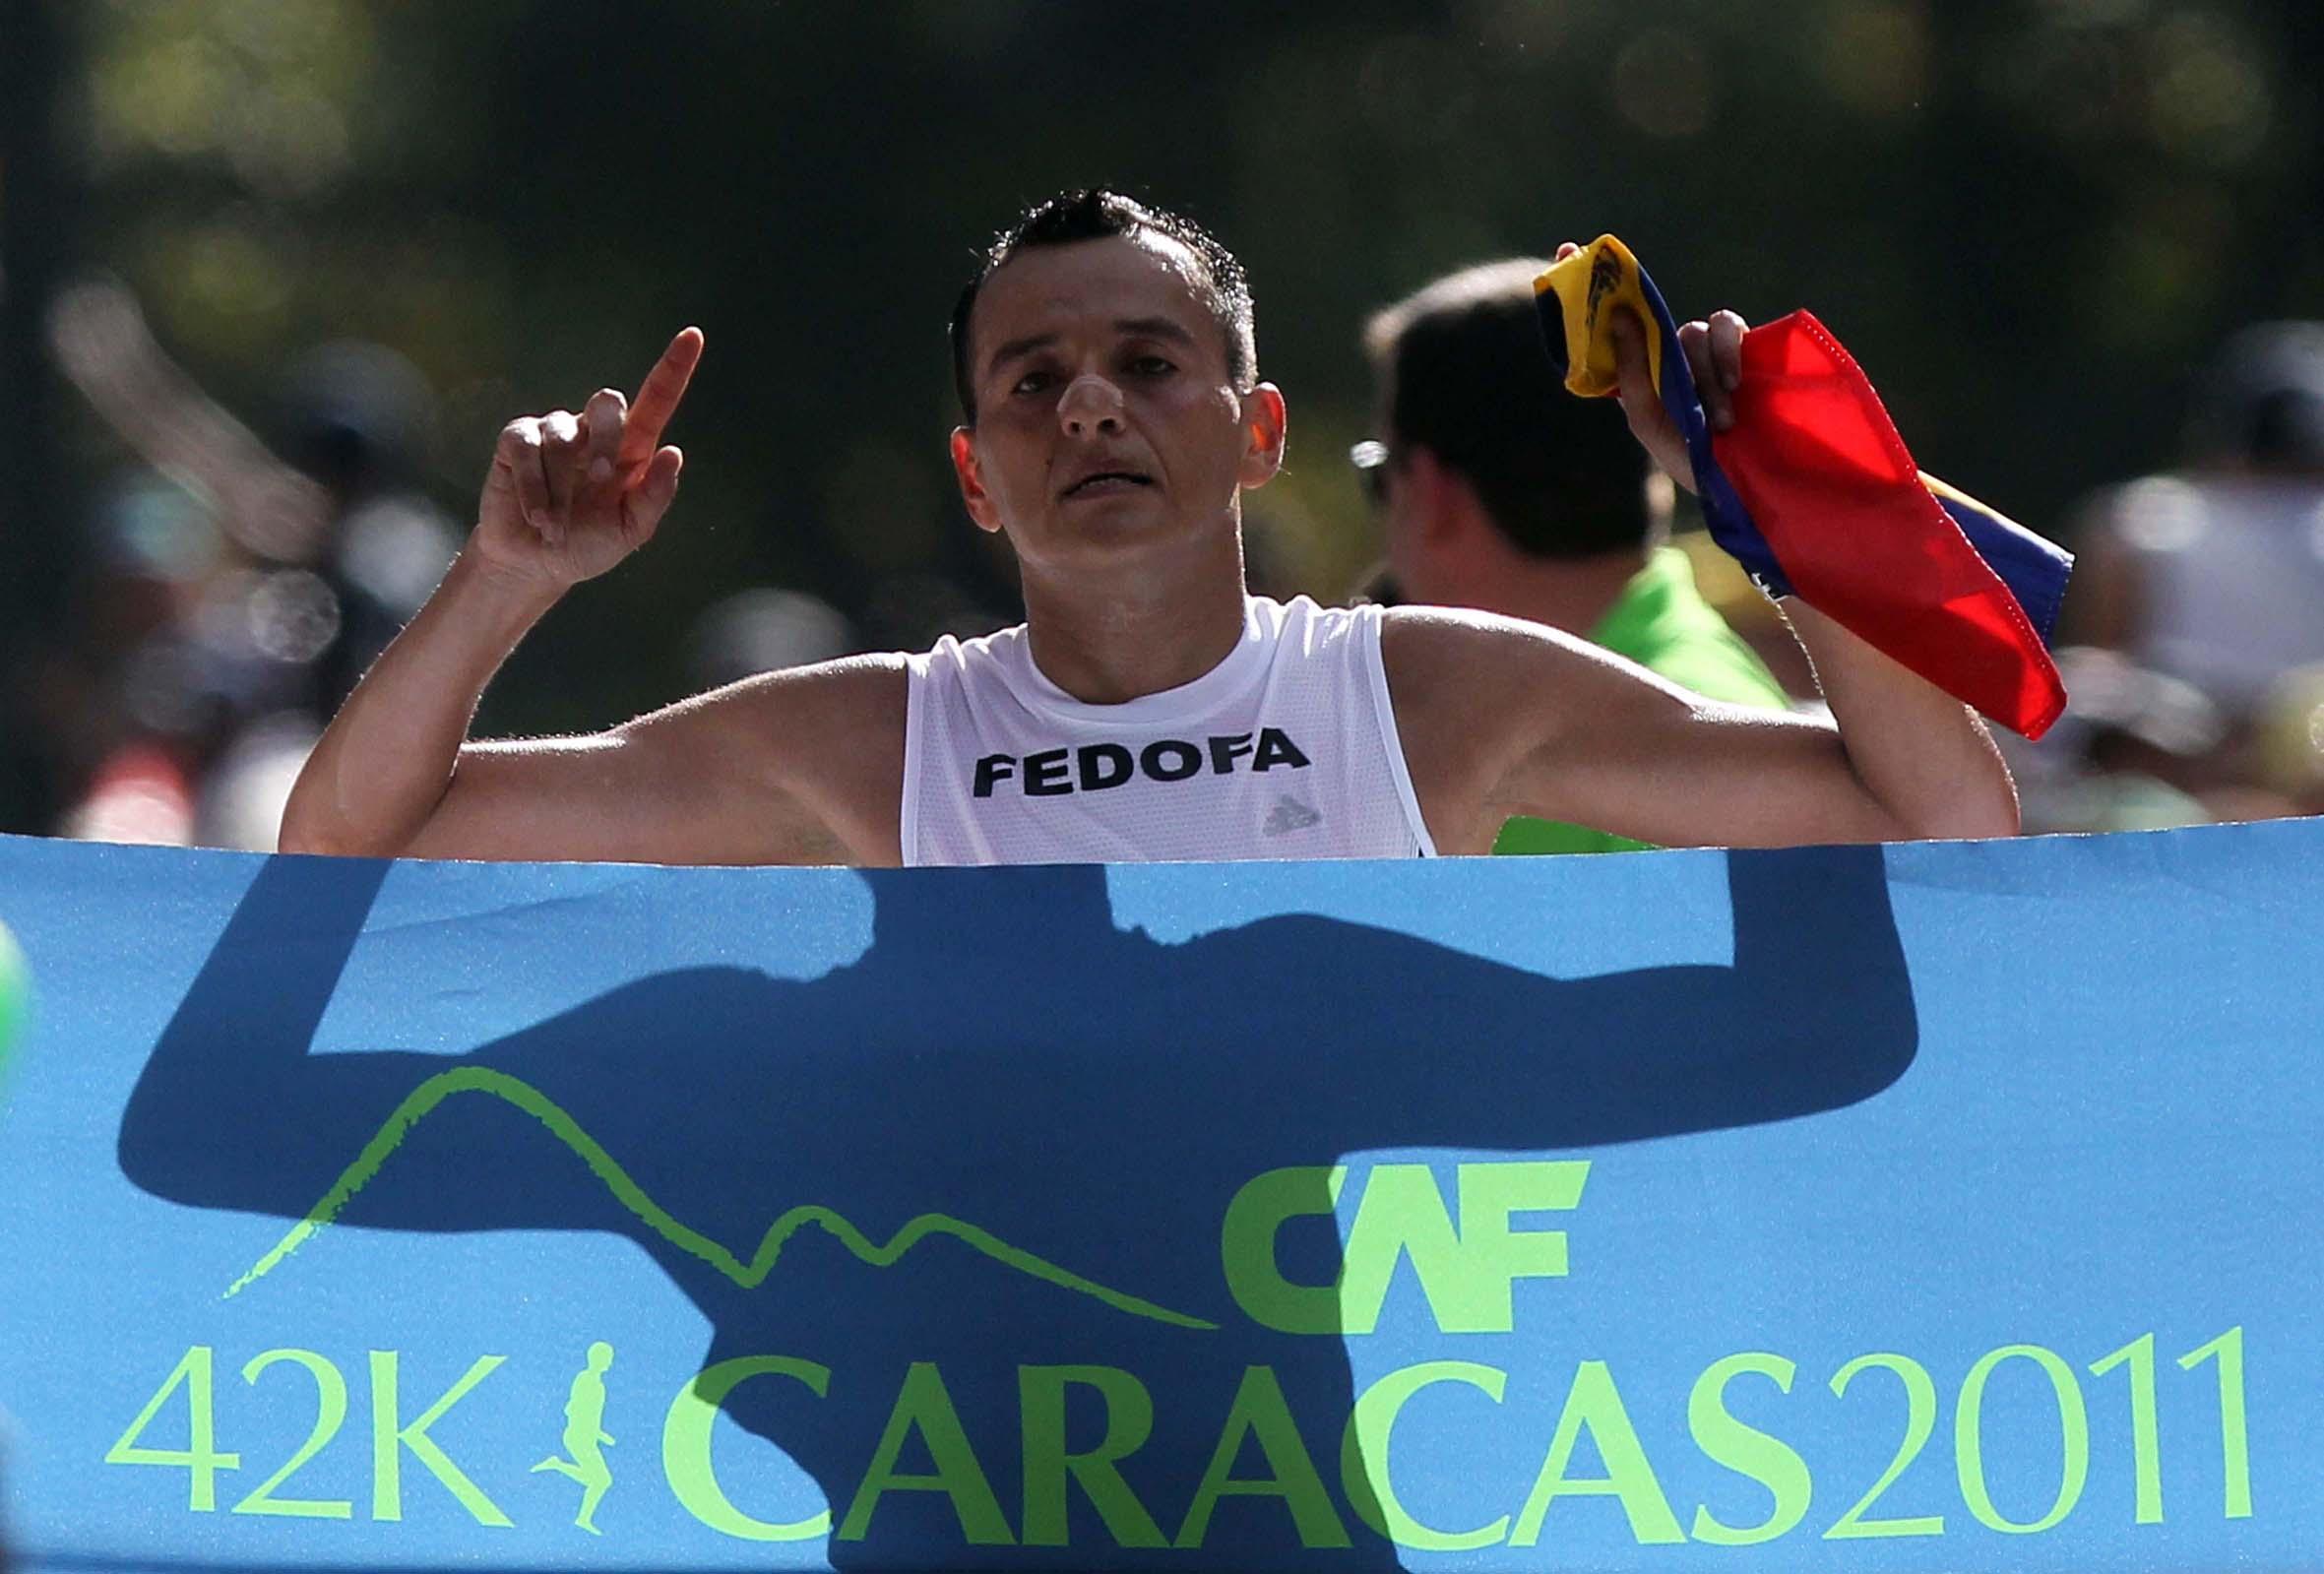 Maraton CAF